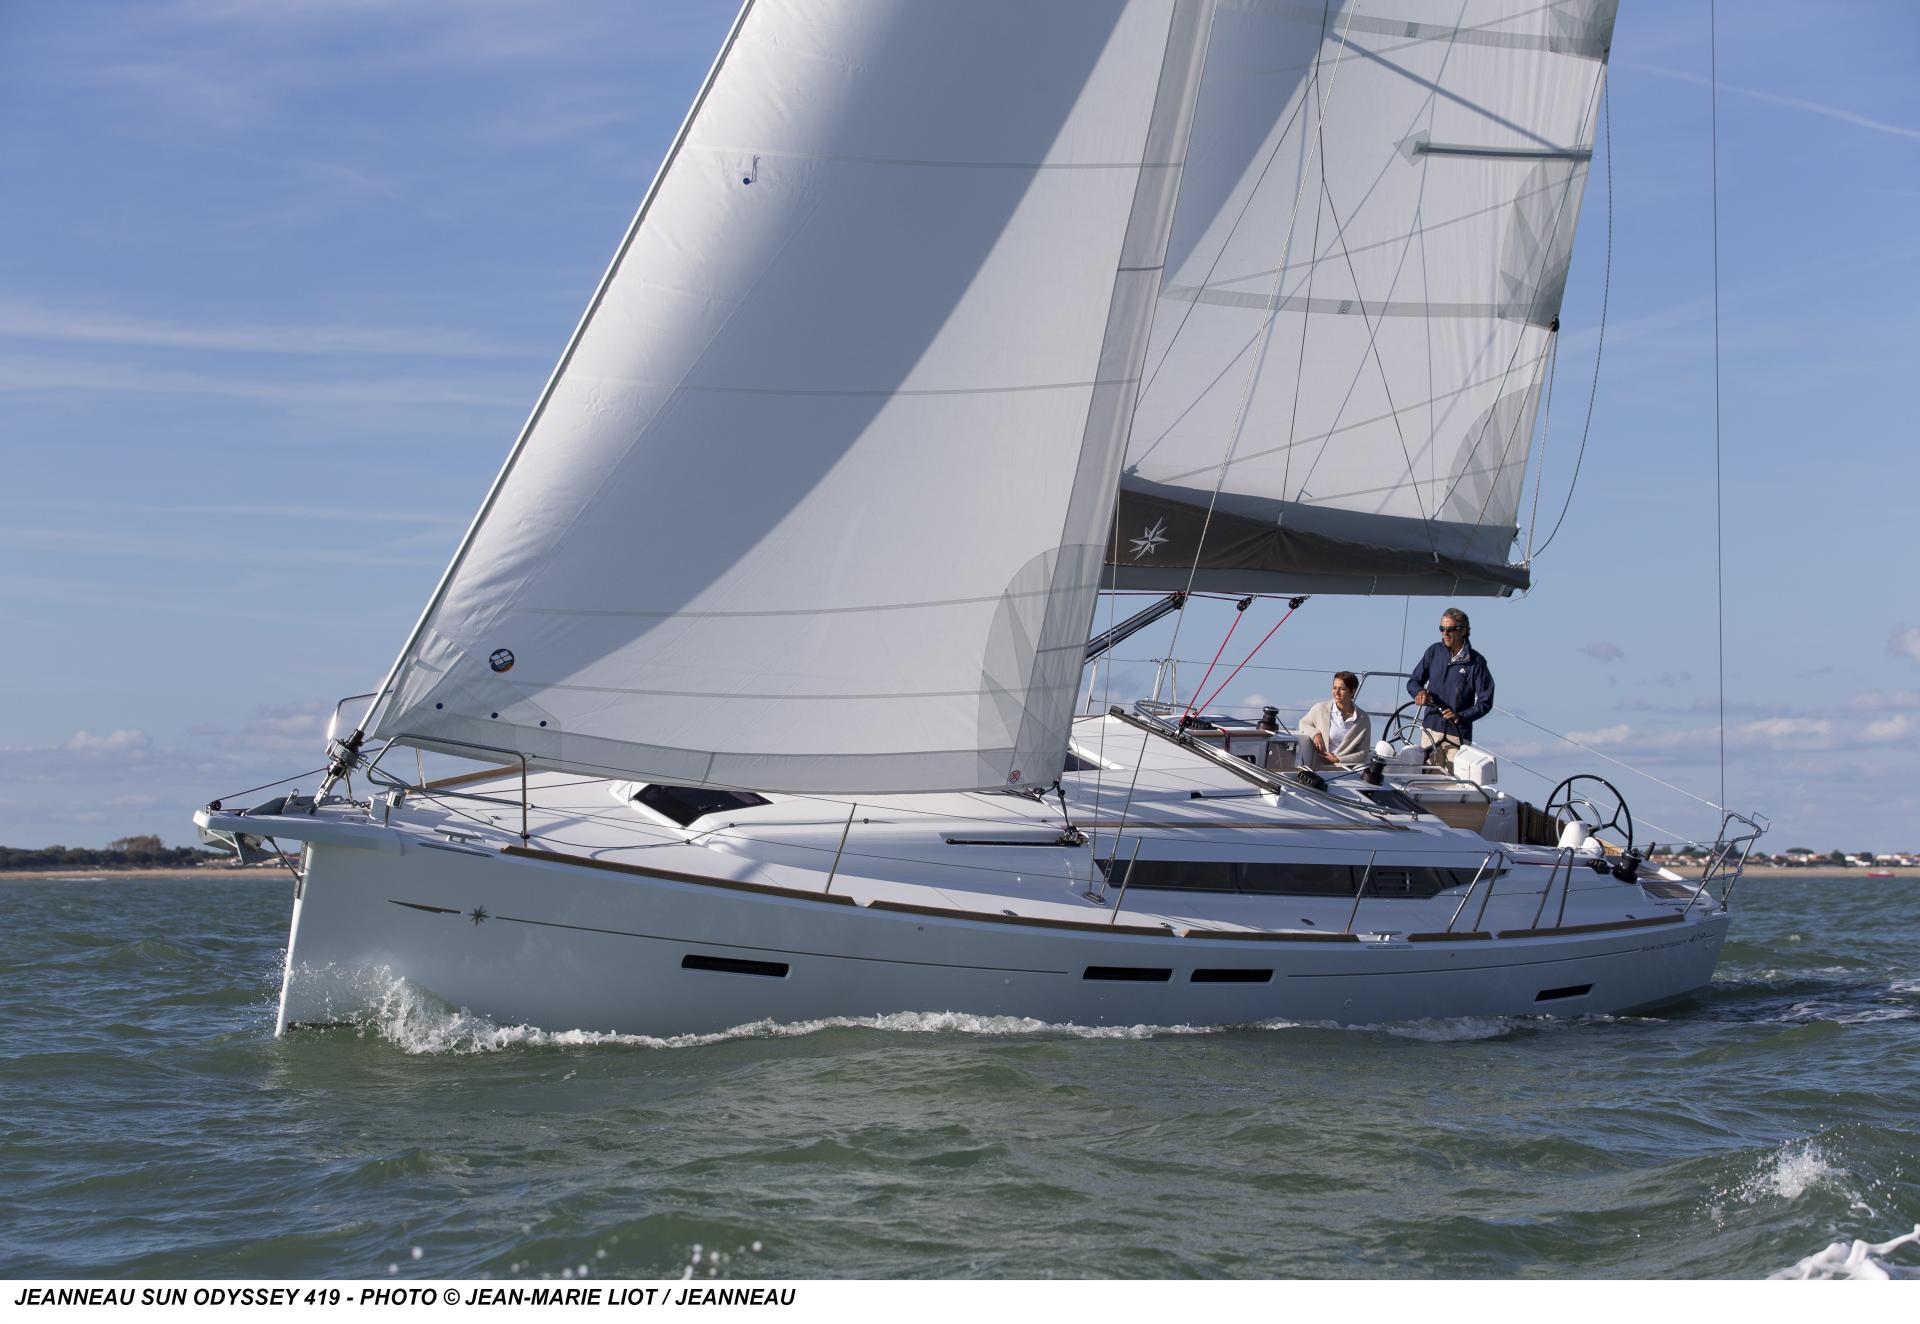 Gut betucht: Mit Lattengroß und 106-Prozent-Genua segelt die SO 419 hoch am Wind.